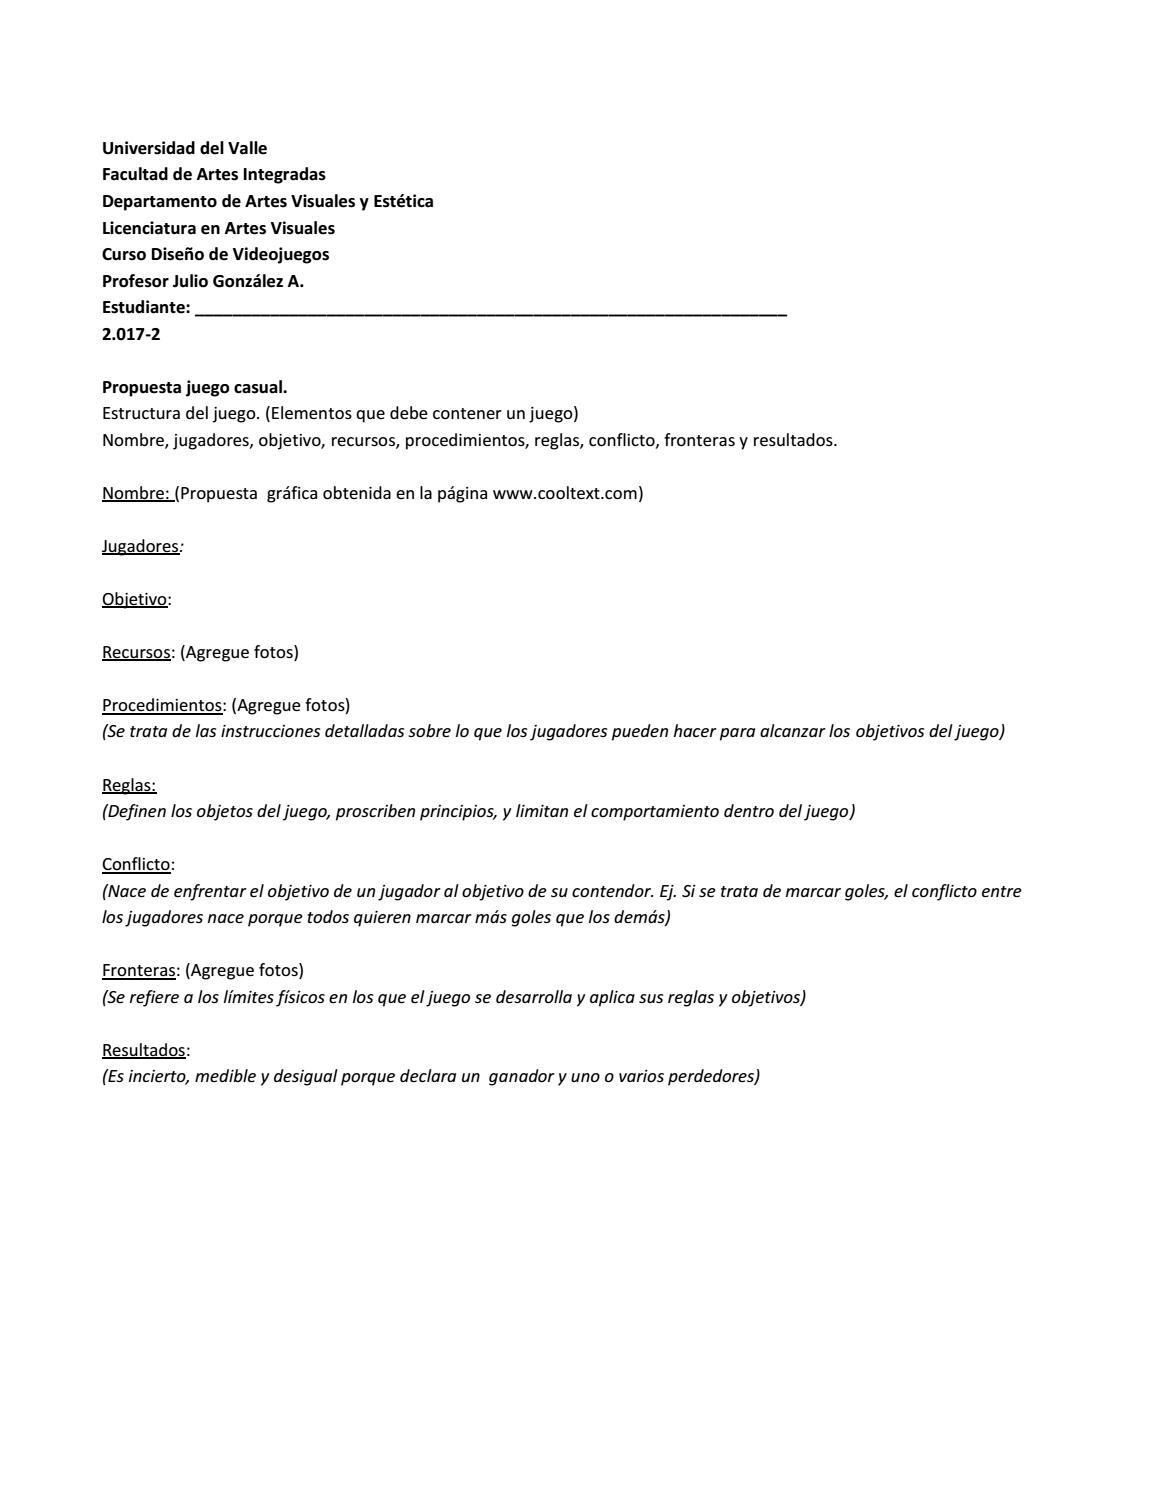 Diseno De Videojuegos Plantilla De Documento De Entrega De Trabajo